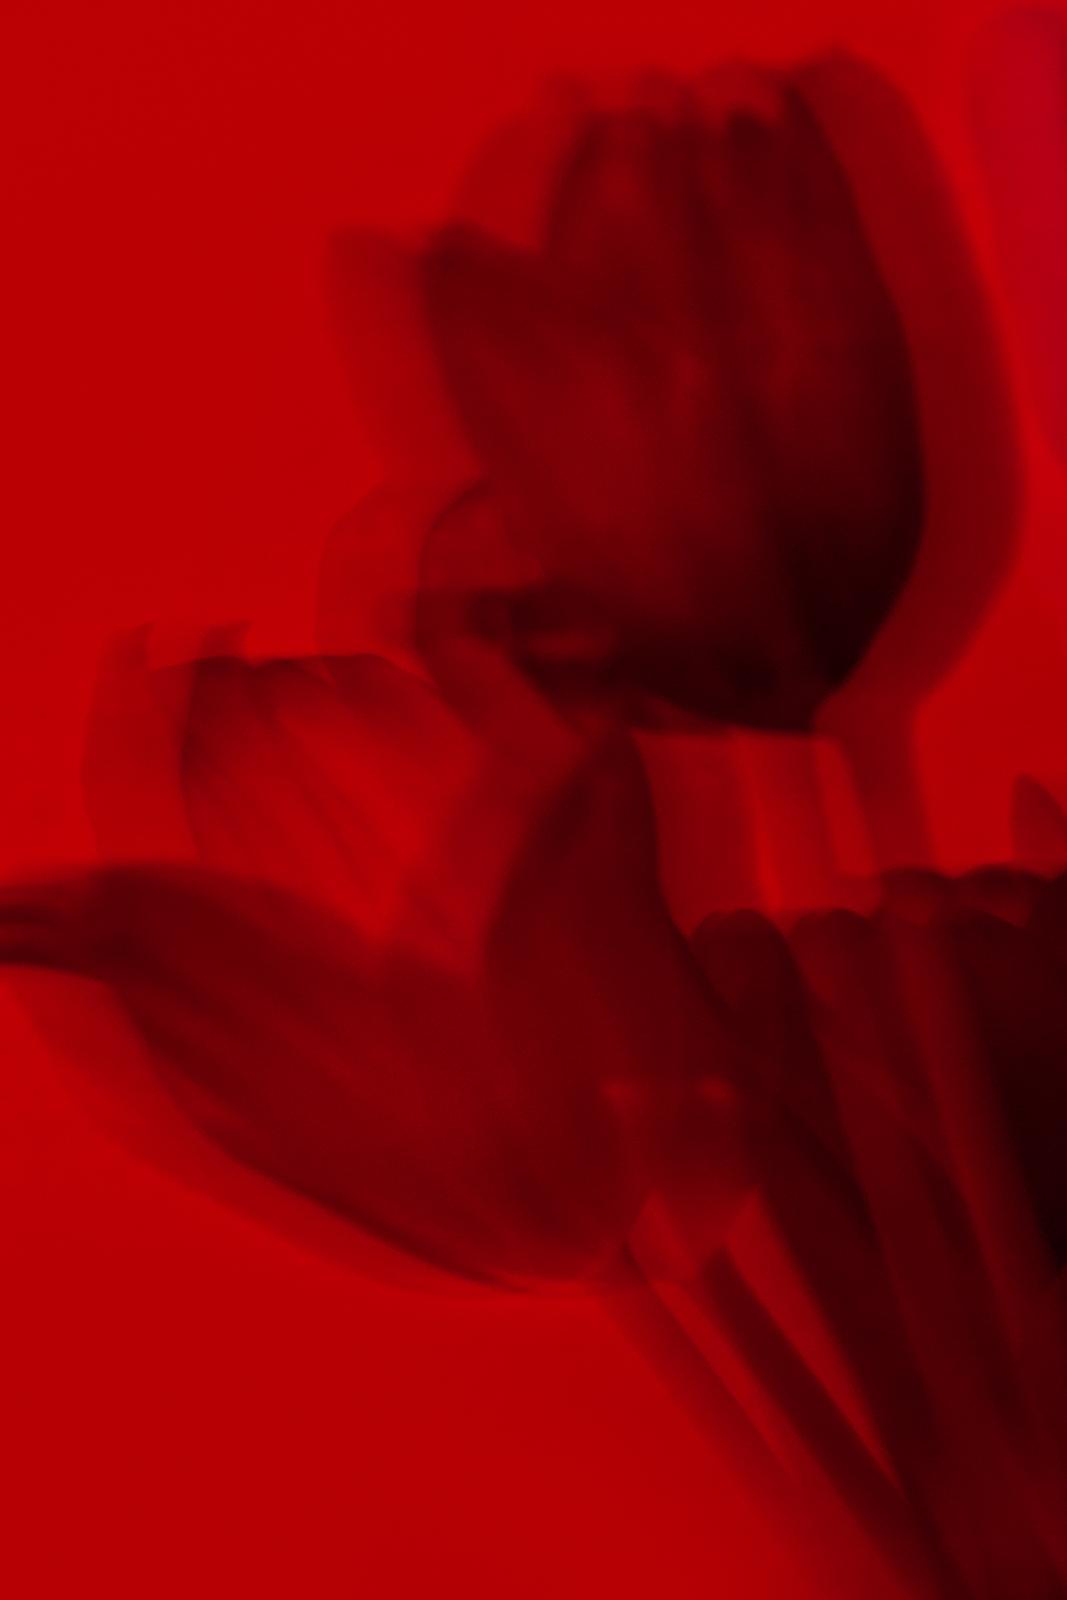 μαύρες γκαλερί φωτογραφιών δωρεάν λήψεις τσόντες